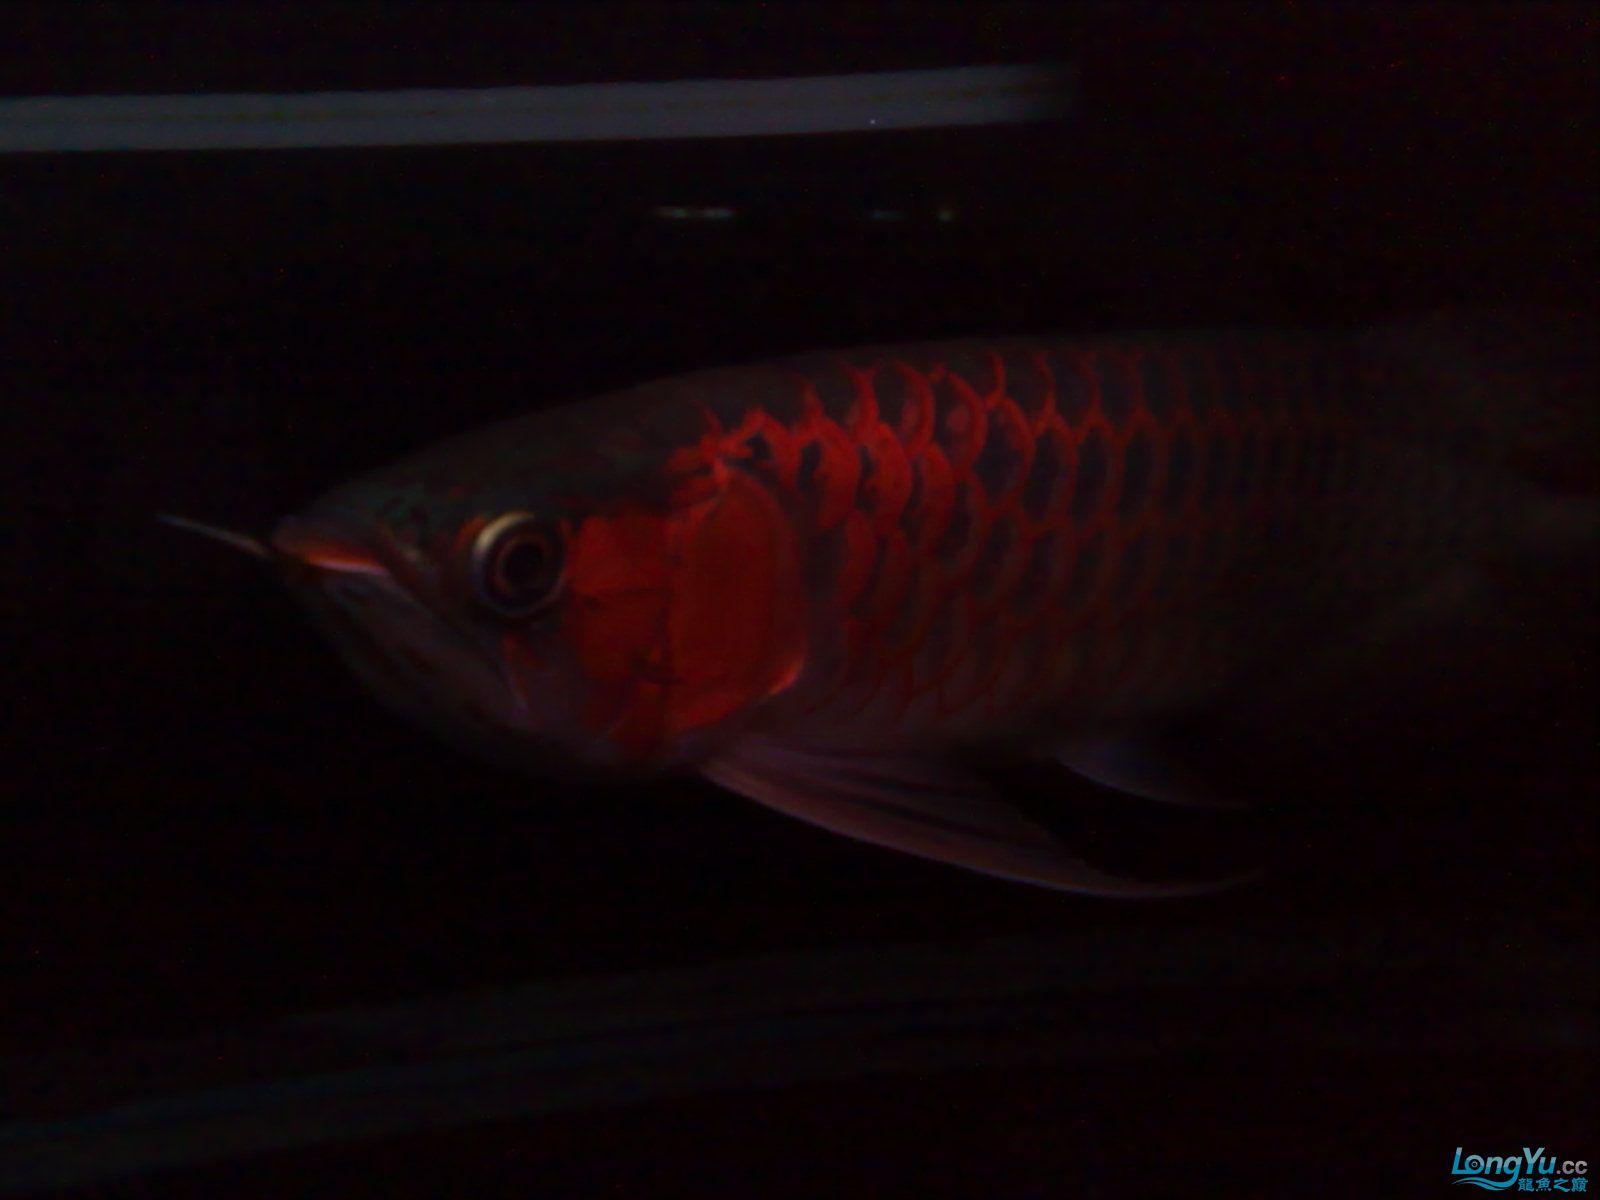 非常美丽的红龙 绵阳龙鱼论坛 绵阳水族批发市场第4张